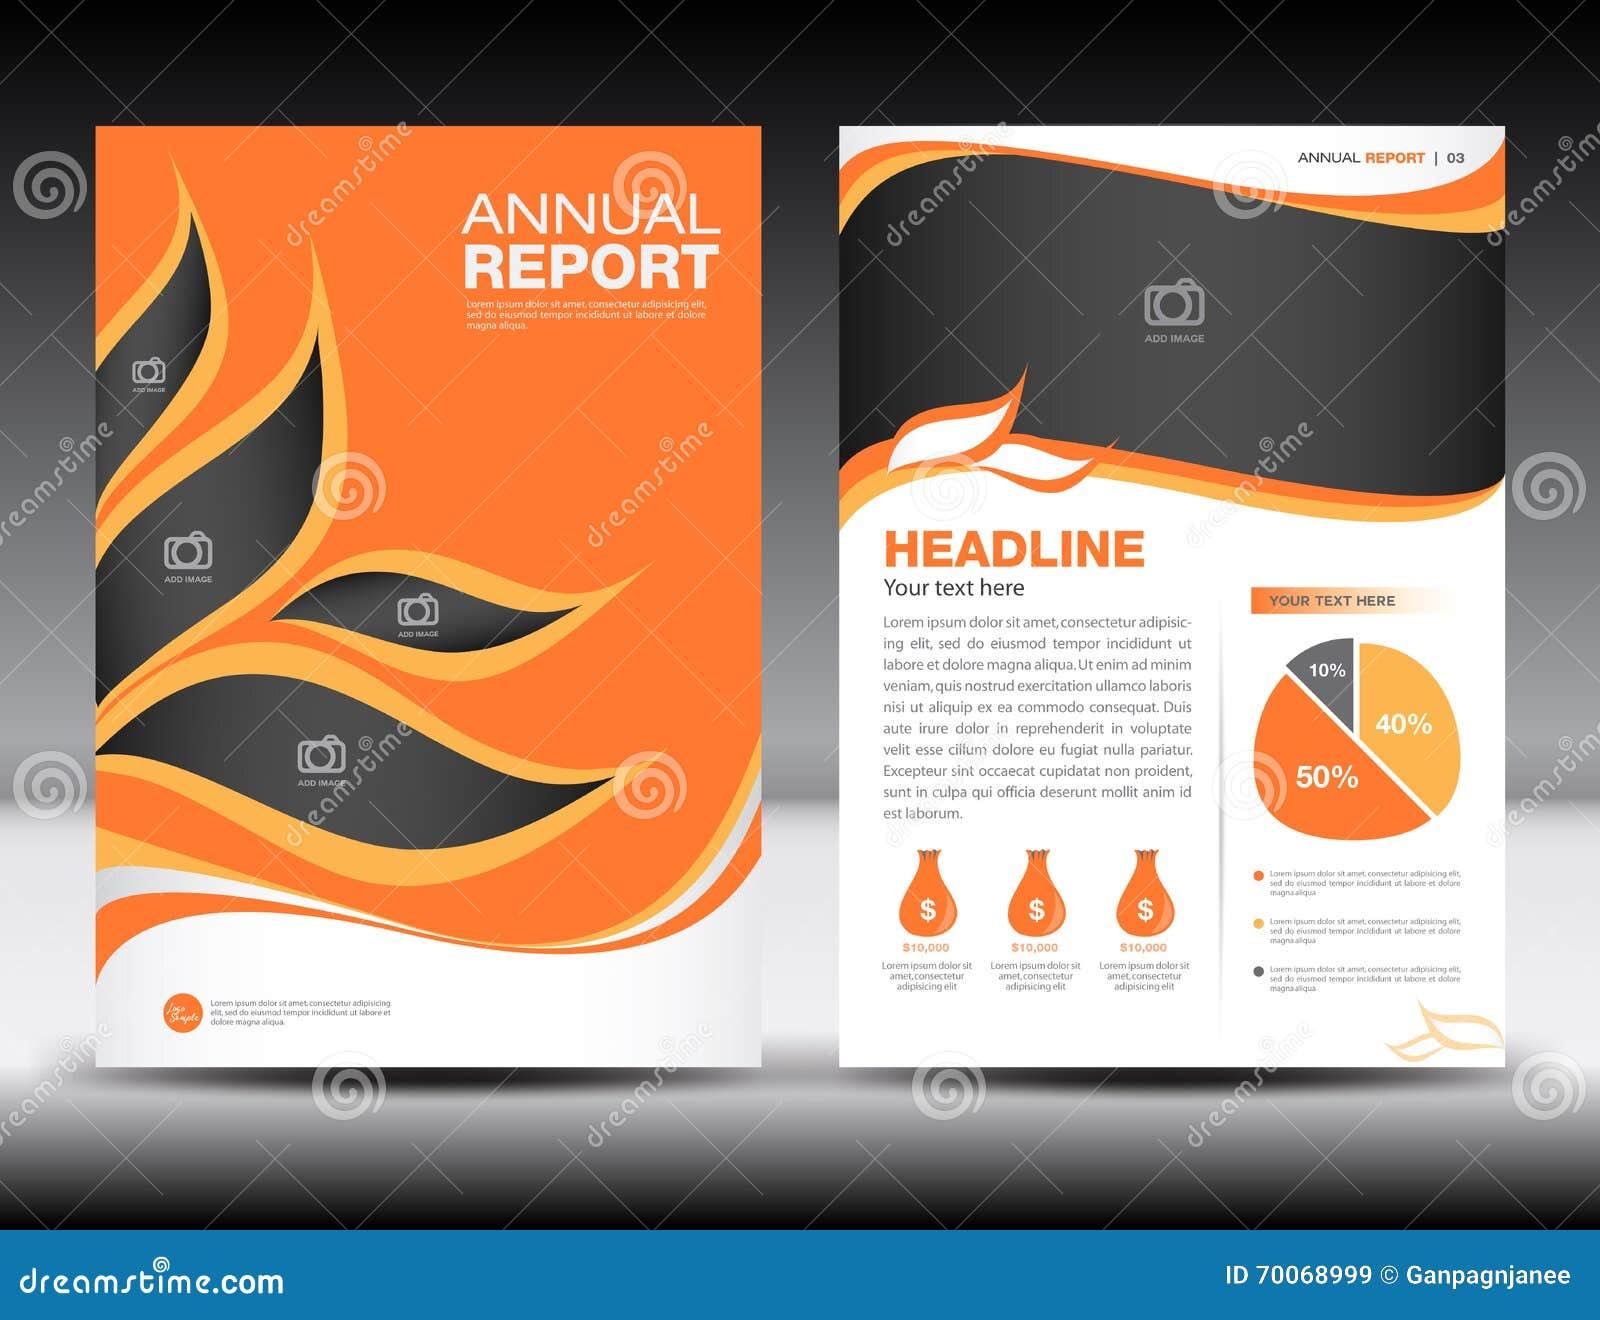 橙色年终报告模板,盖子设计,小册子fl yer,信息